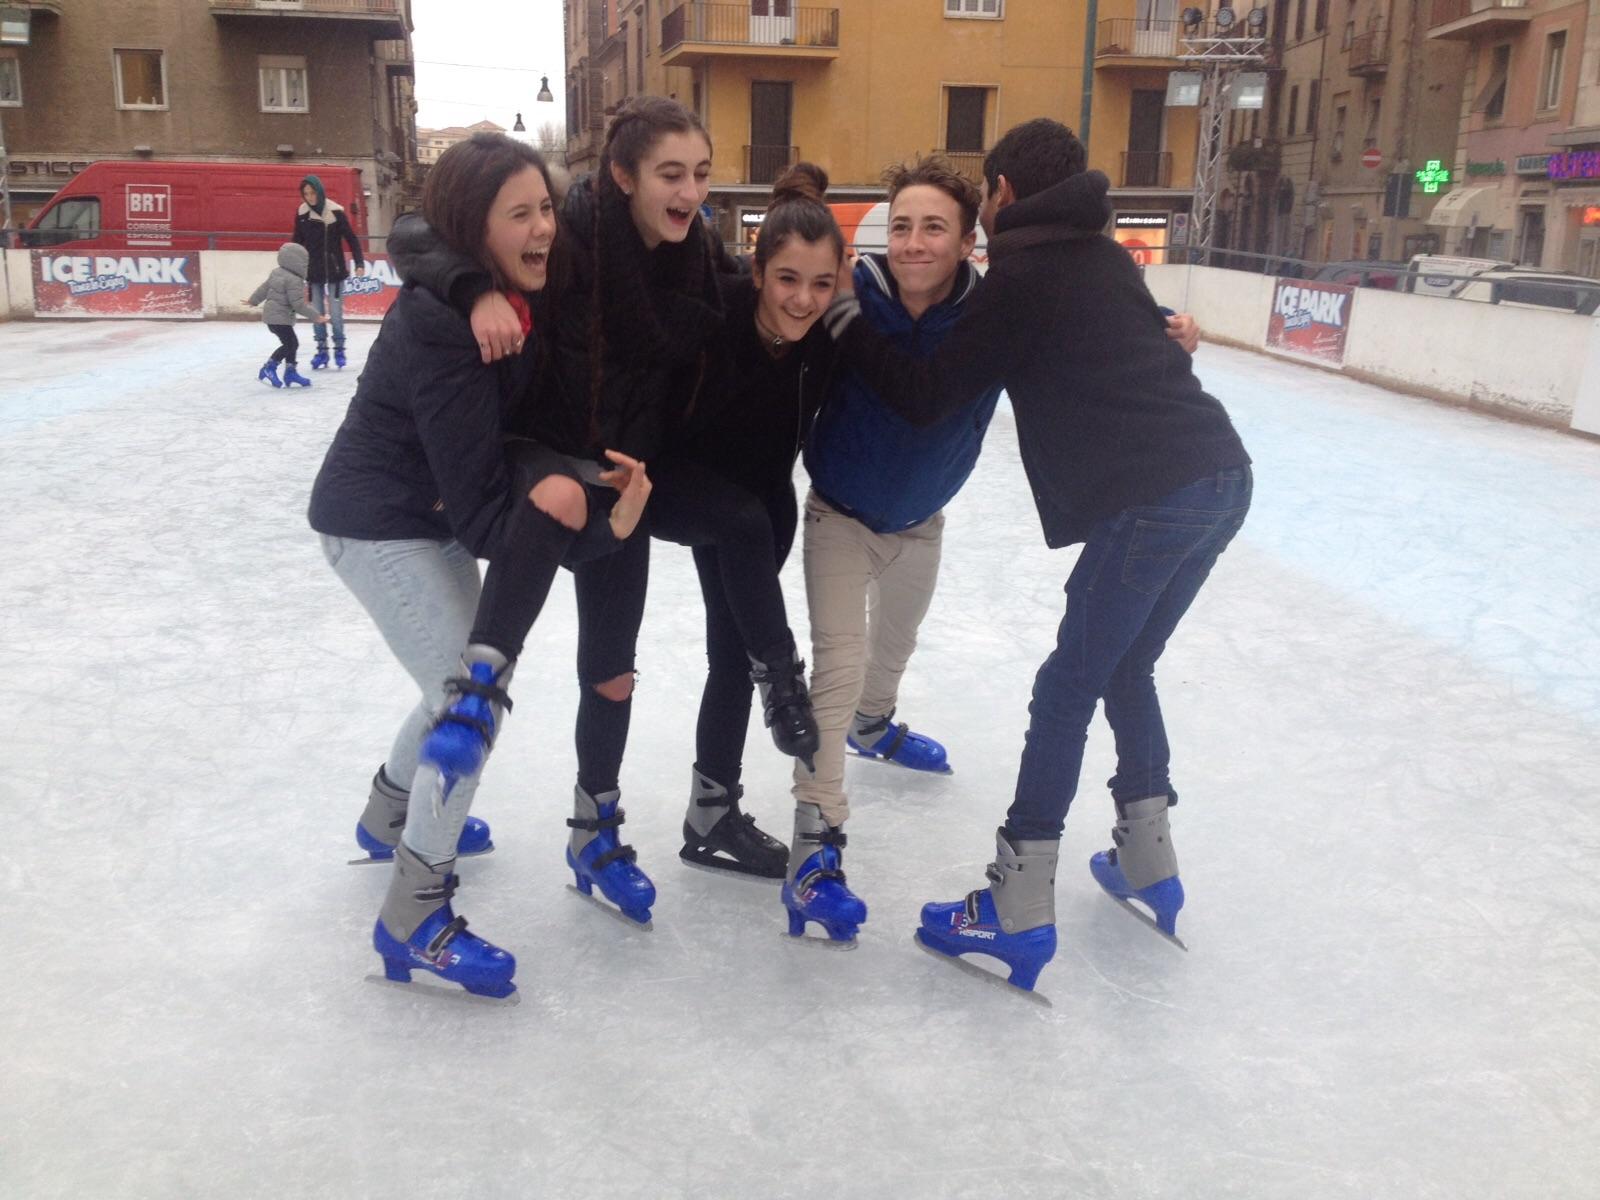 Pattinaggio, Roma, Ice park attivo anche a piazza San Giovanni Battista de La Salle